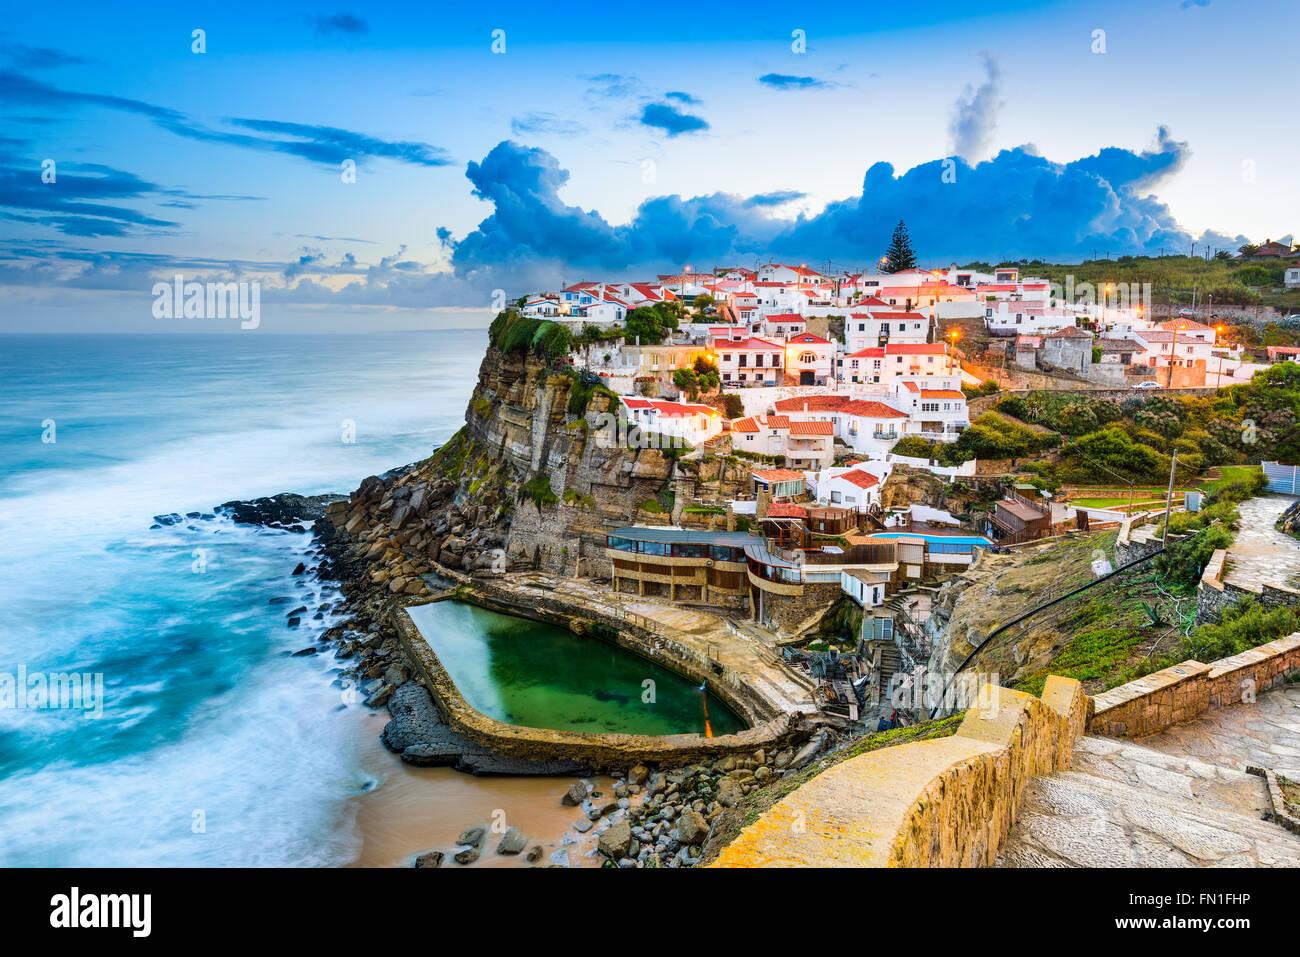 Praia das Maçãs, Portugal ville côtière. Photo Stock